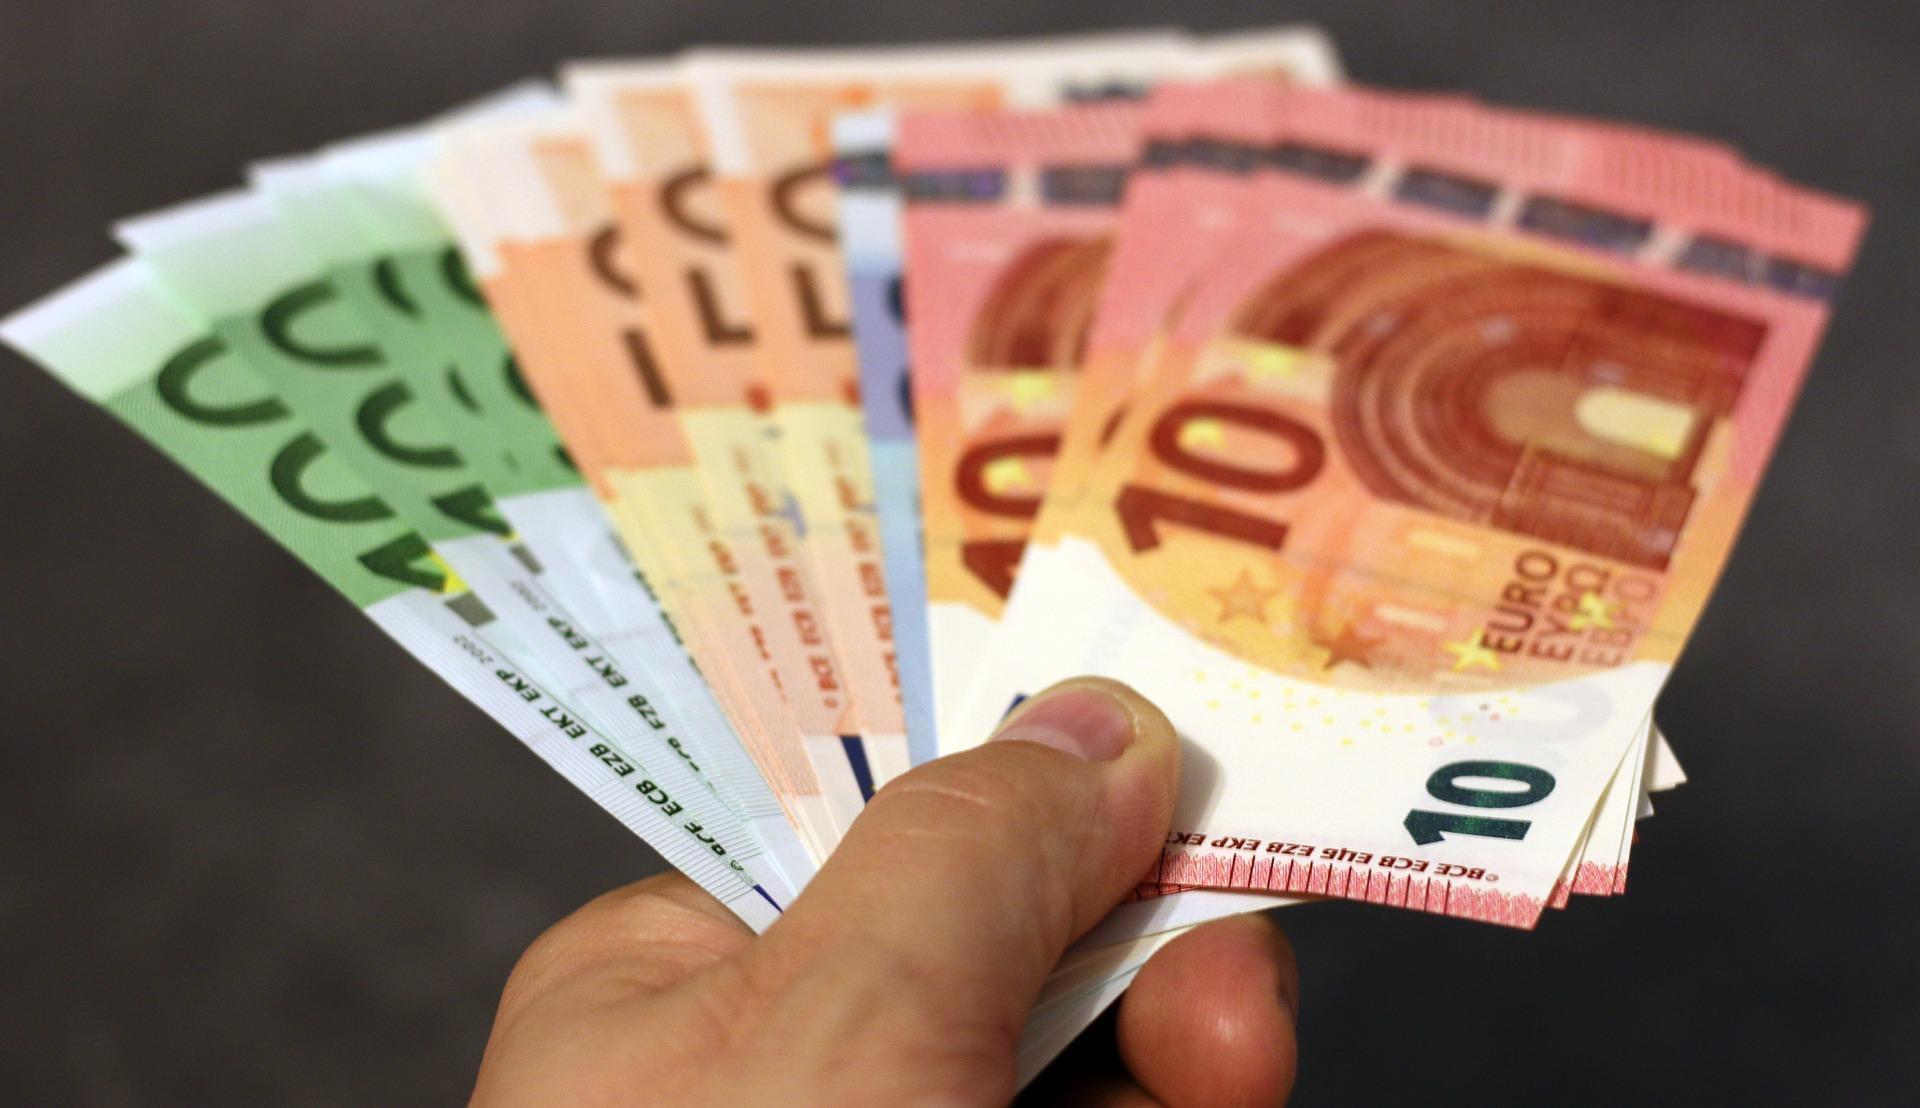 Preisvergleichsplattform für zahnärztliche Leistungen